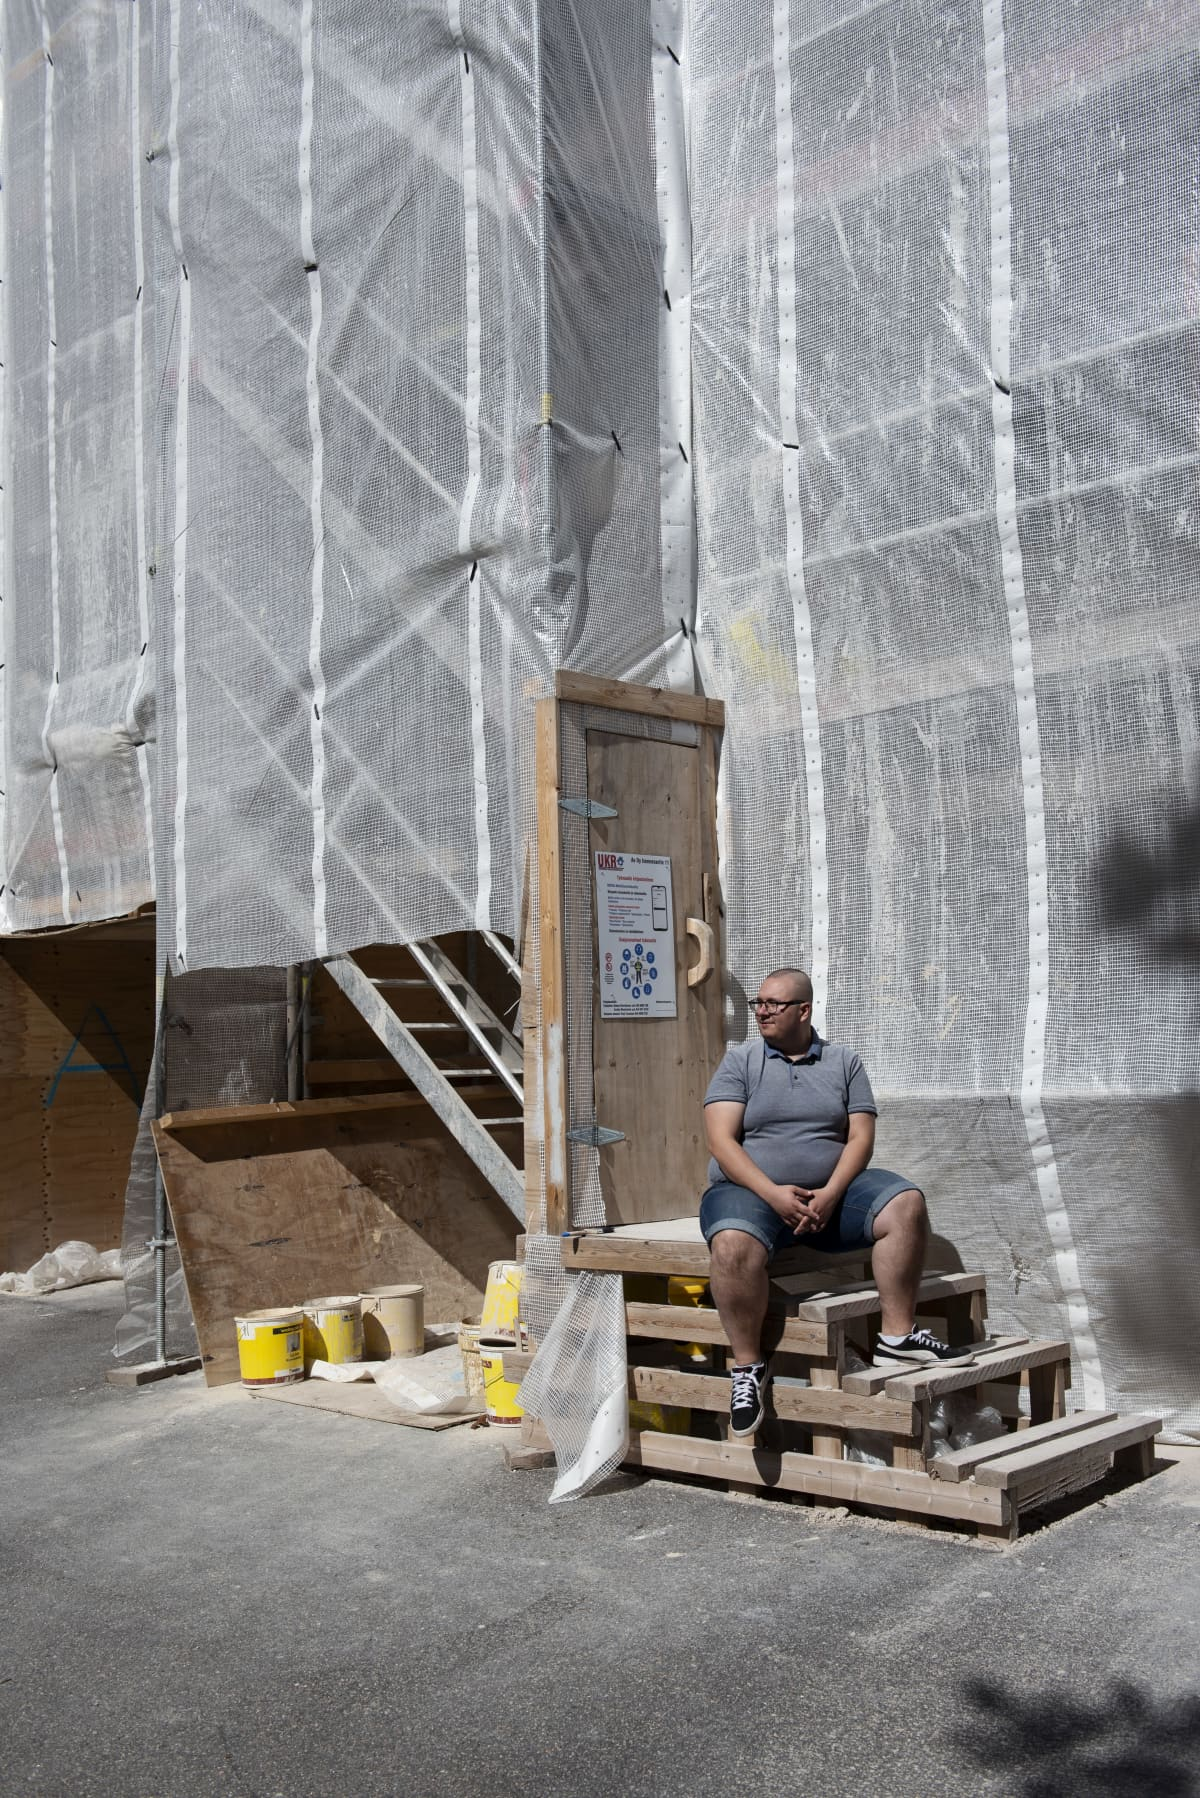 Benjamin Molini huputetun kotinsa edessä Haagassa, työmaan portailla. Talossa on käynnissä iso julkisivuremontti. enjamin Molini kotonaan Haagassa. Asunnon ikkunoista ei näy ulos eikä niitä saa auki, sillä talossa on käynnissä suuri julkisivuremontti.